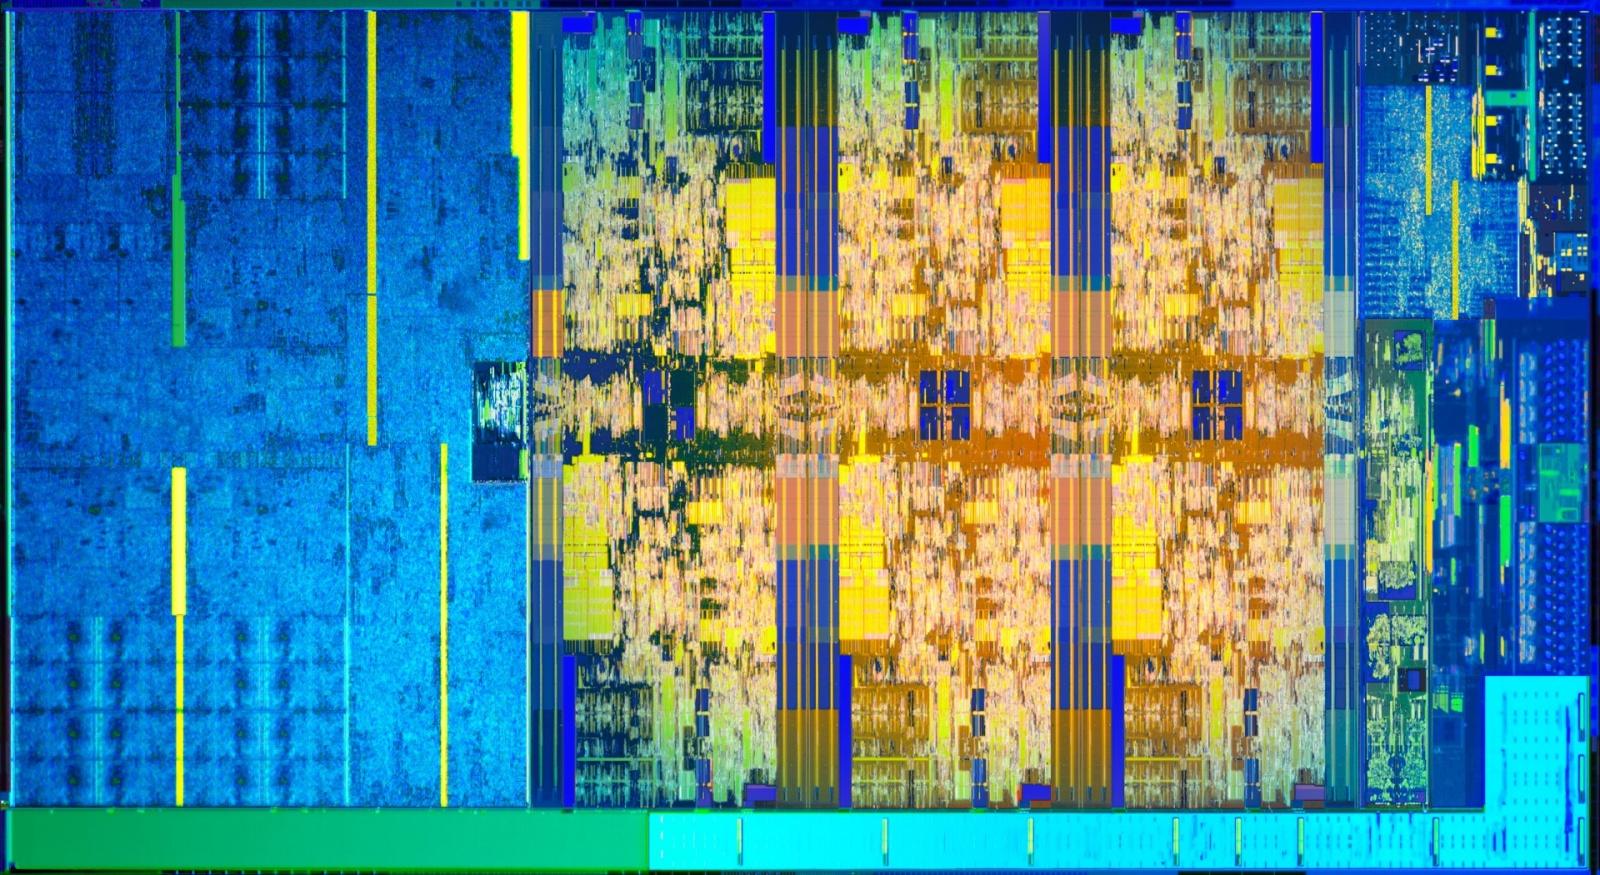 Intel представила новые процессоры Coffee Lake: 6-12-ядерный i7, шестиядерный i5, четырёхядерный i3 - 2